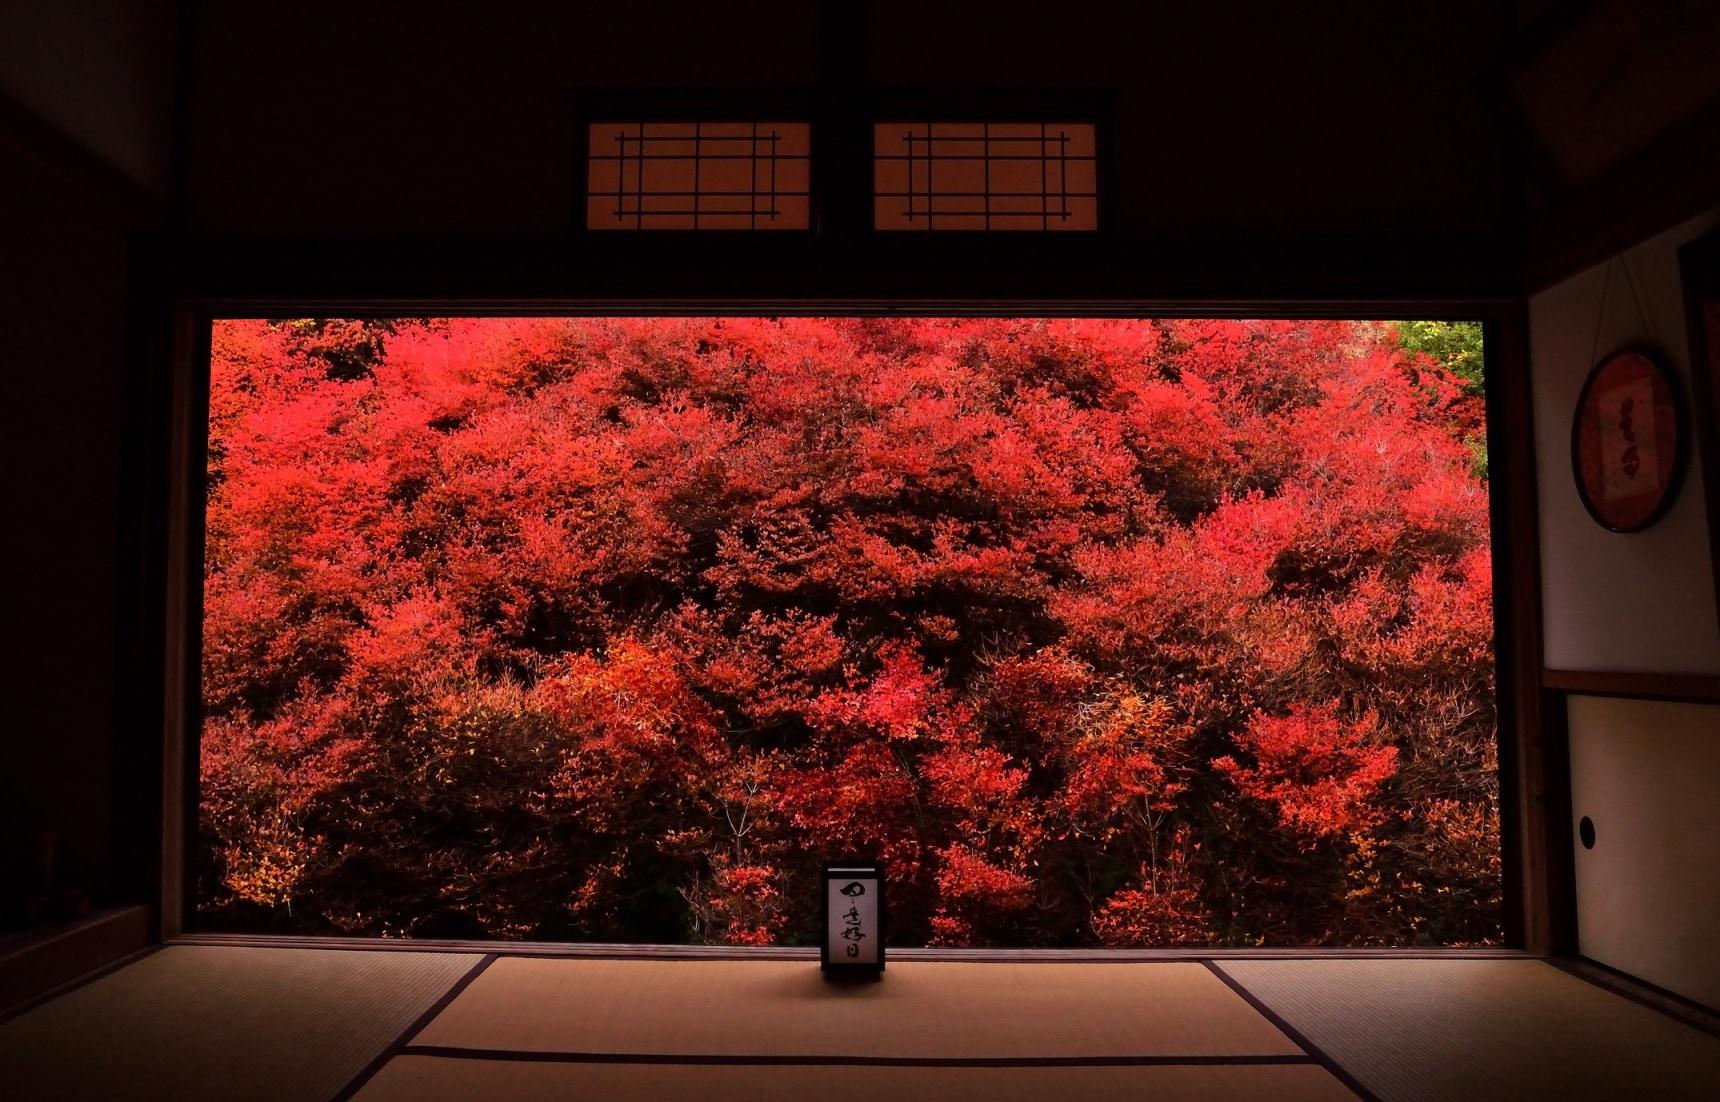 ชมใบไม้แดงในญี่ปุ่น มาช่วงไหนดี?